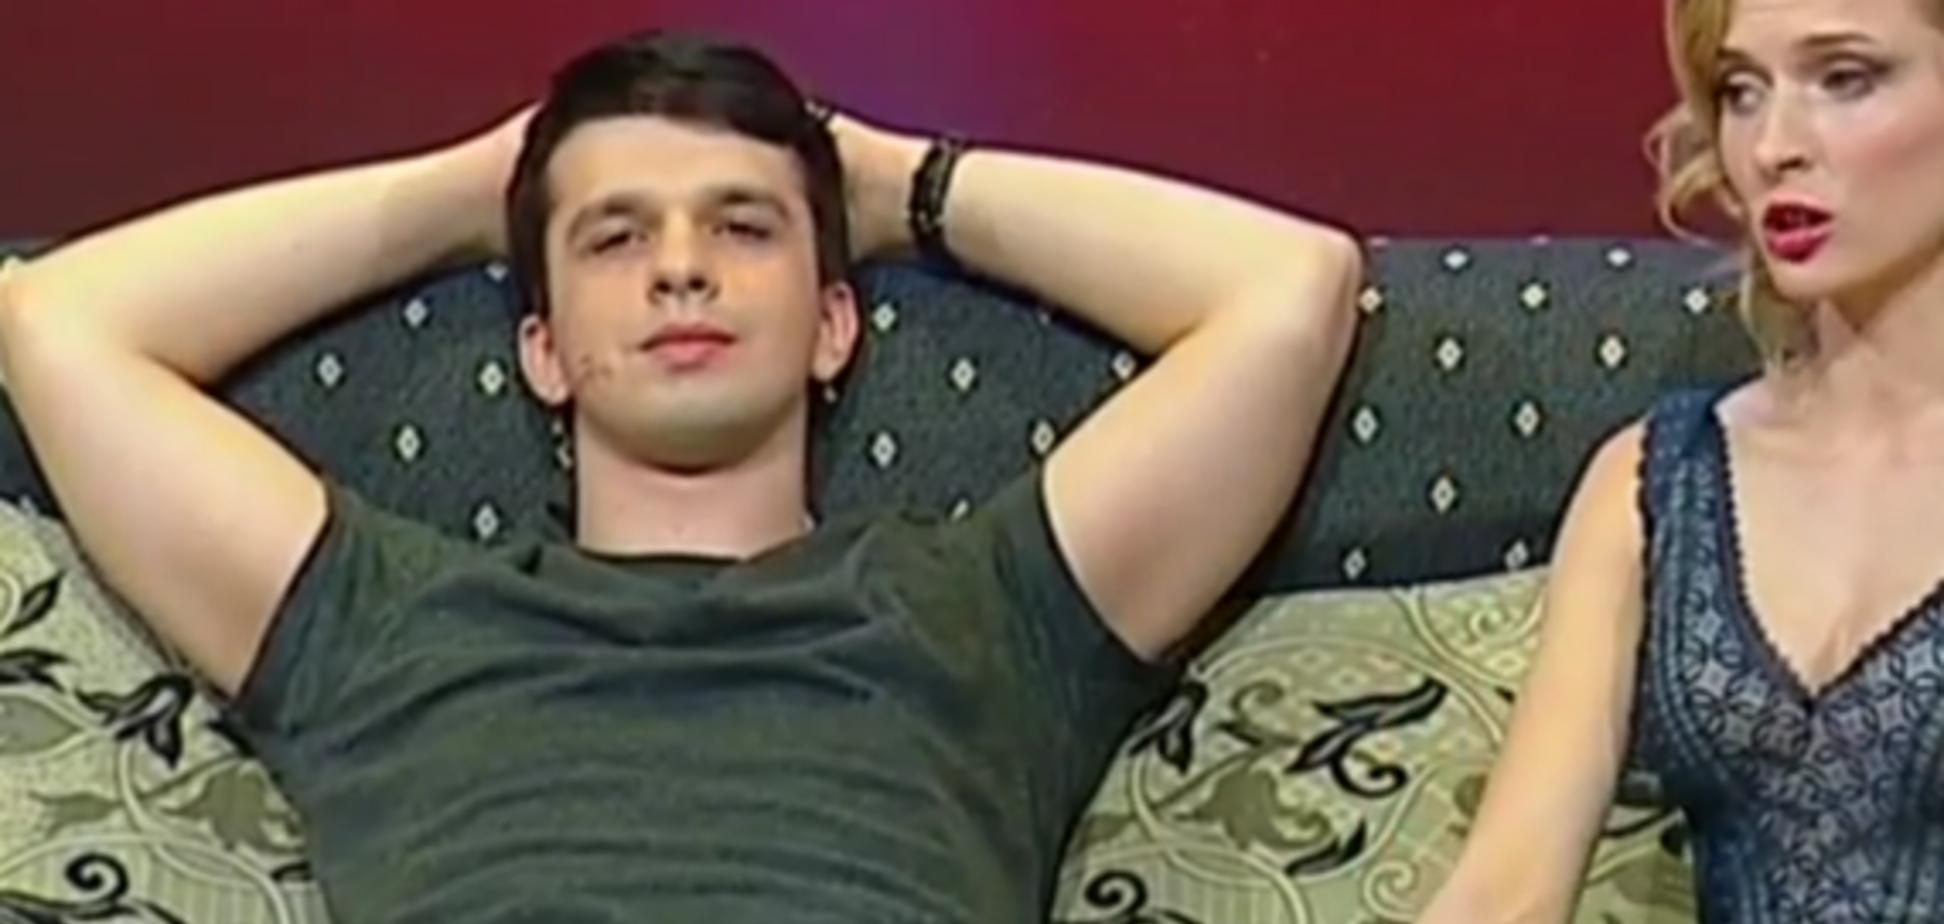 Как молодые украинцы проводят выходные: видеопародия